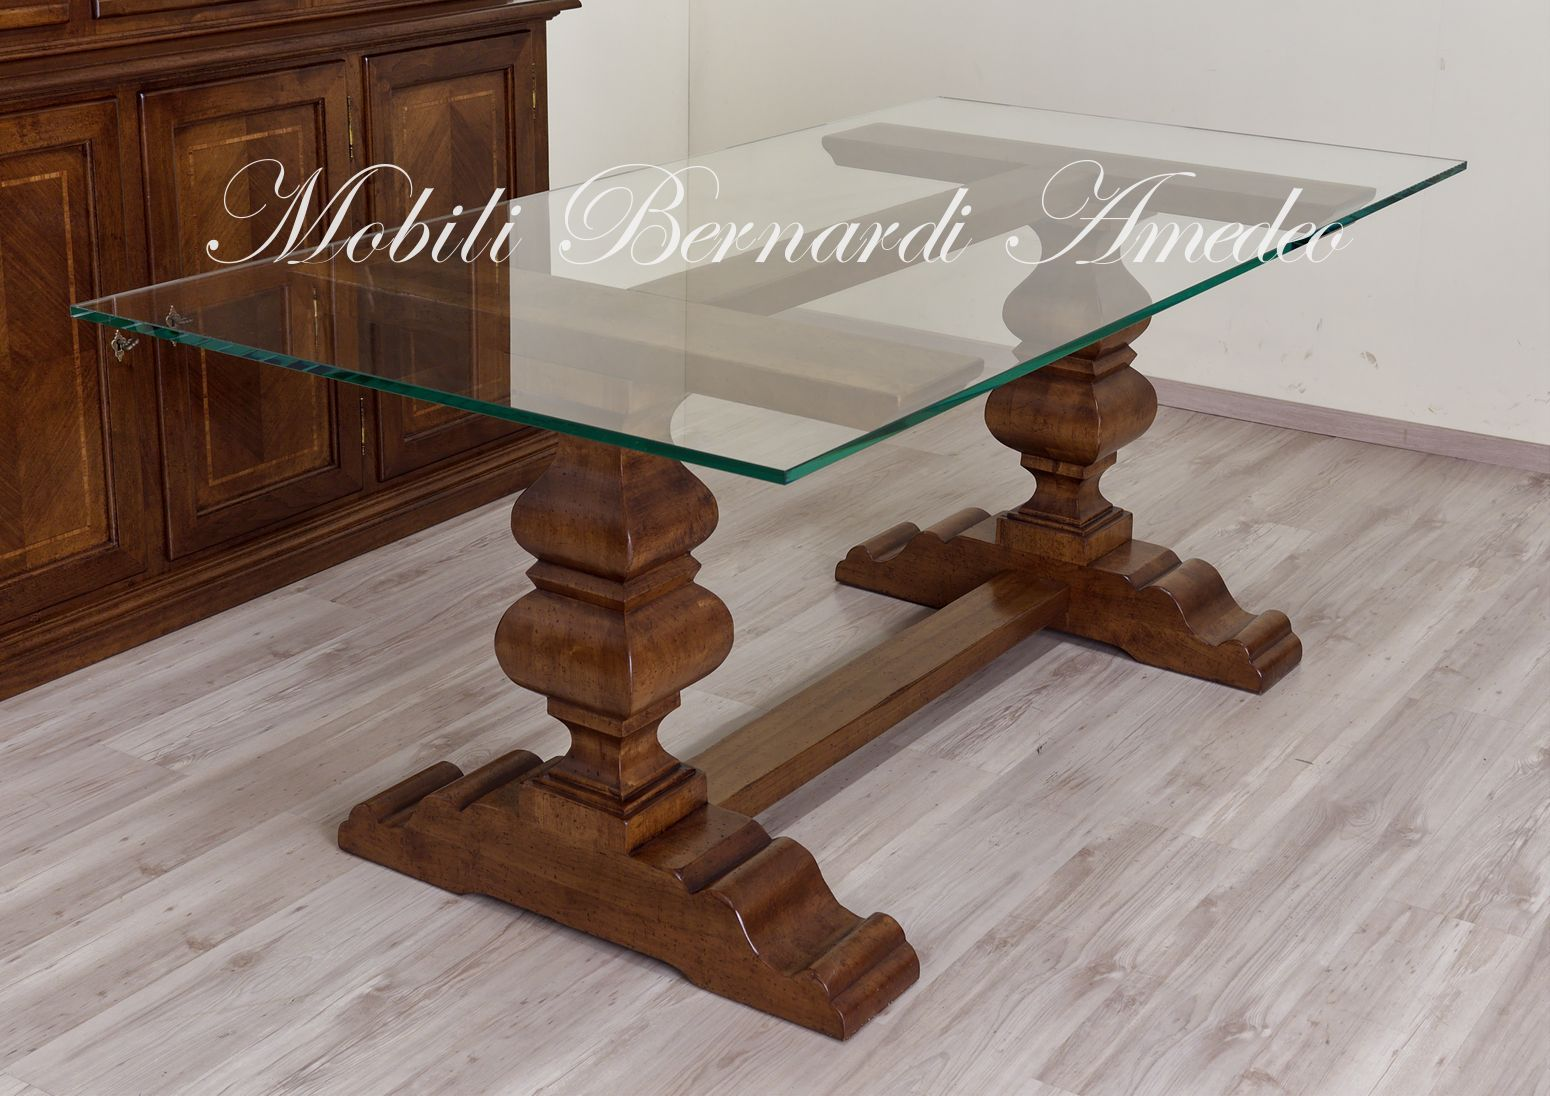 Tavoli In Cristallo Con Base In Legno.Tavolo Fratino Con Piano In Vetro Glass Top Table With Classic